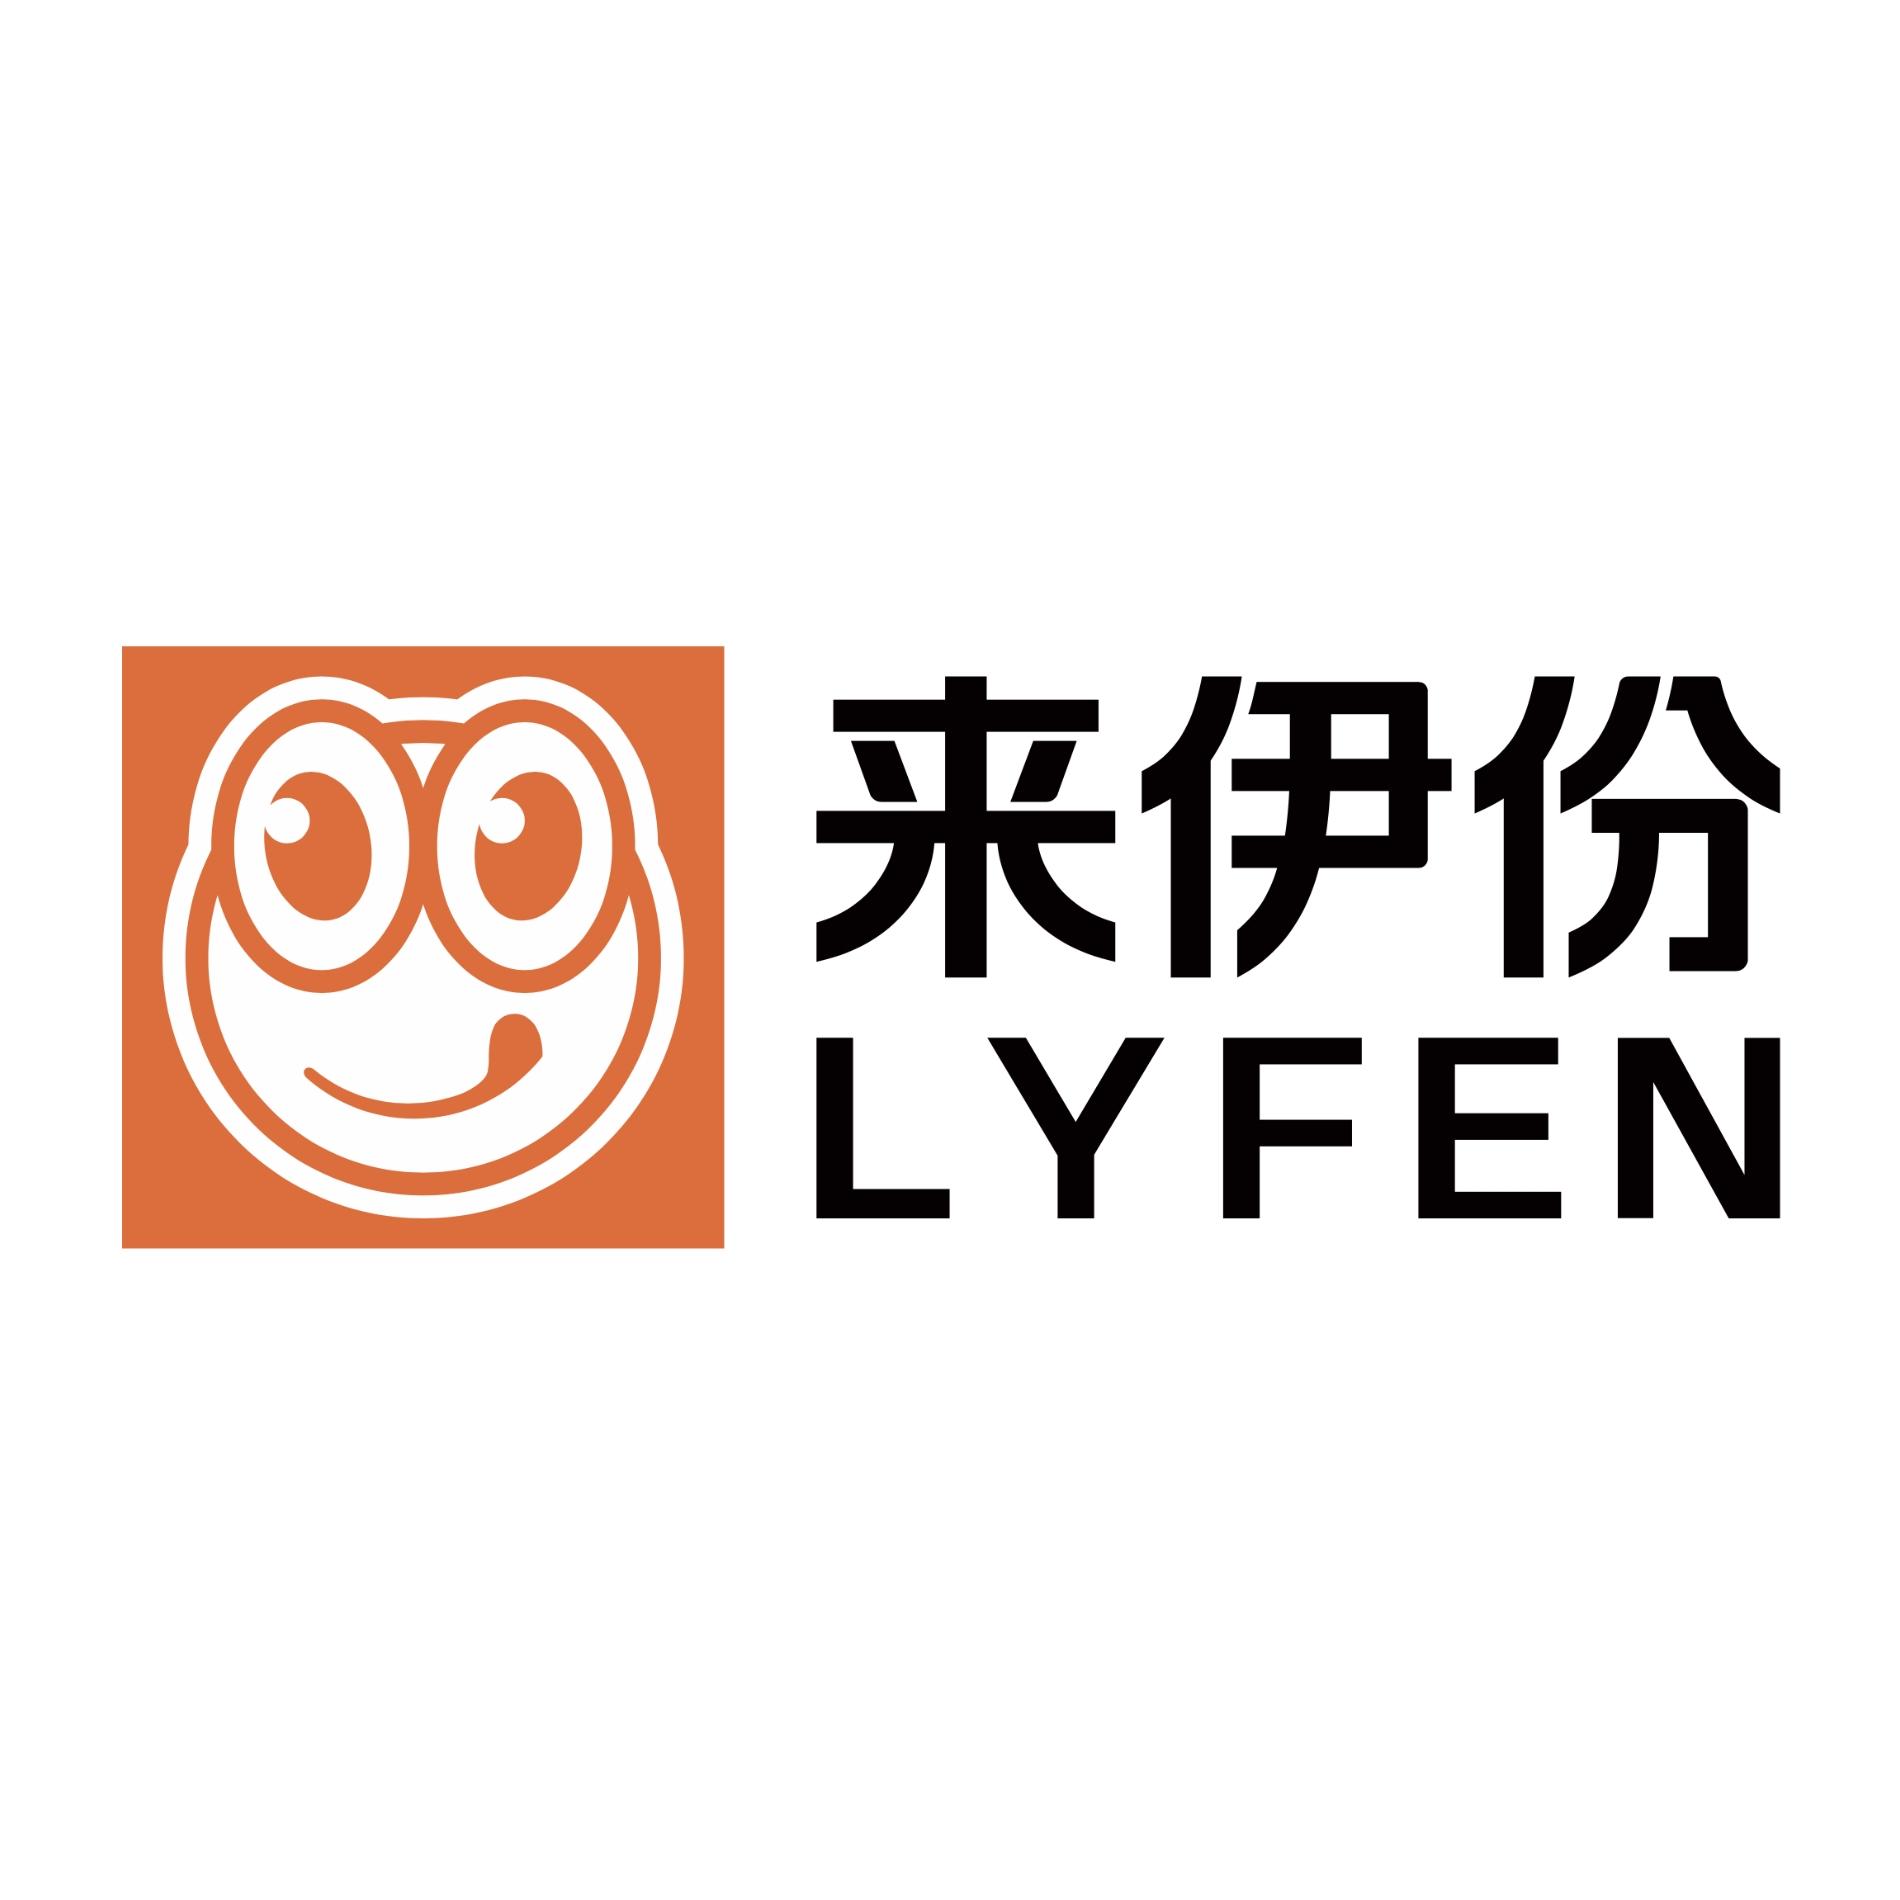 来伊份/LYFEN